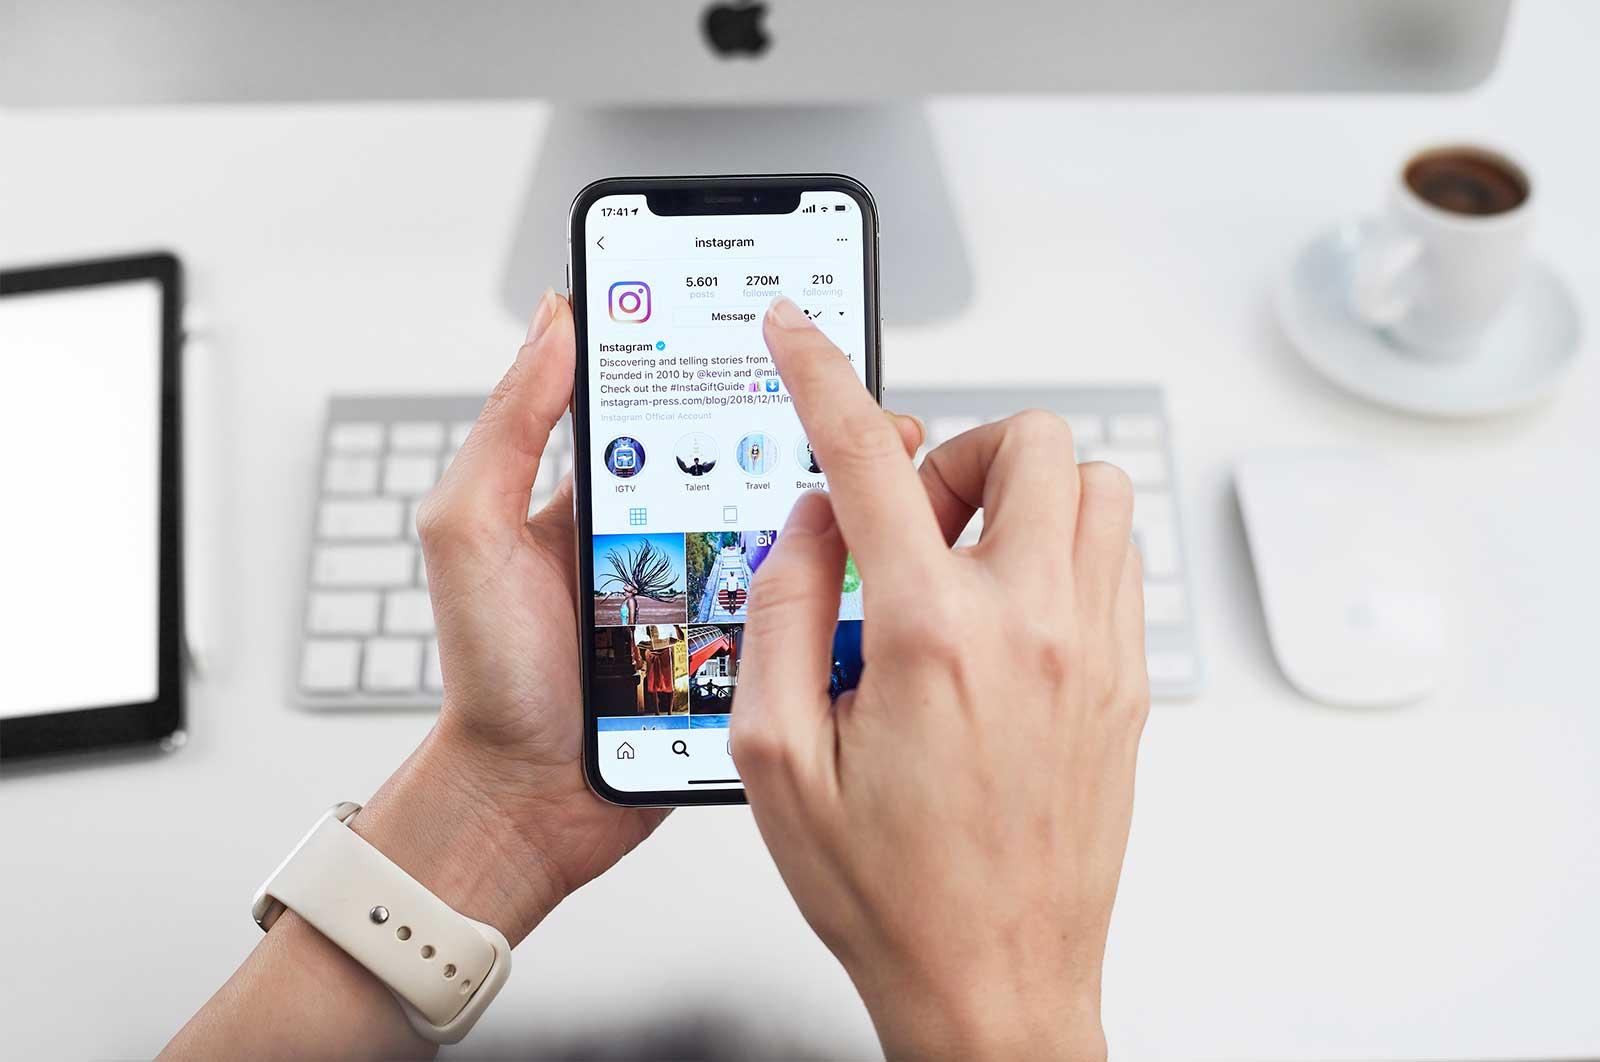 Trik Tersembunyi Instagram Yang Membuat Kerja Lebih Cepat & Optimal